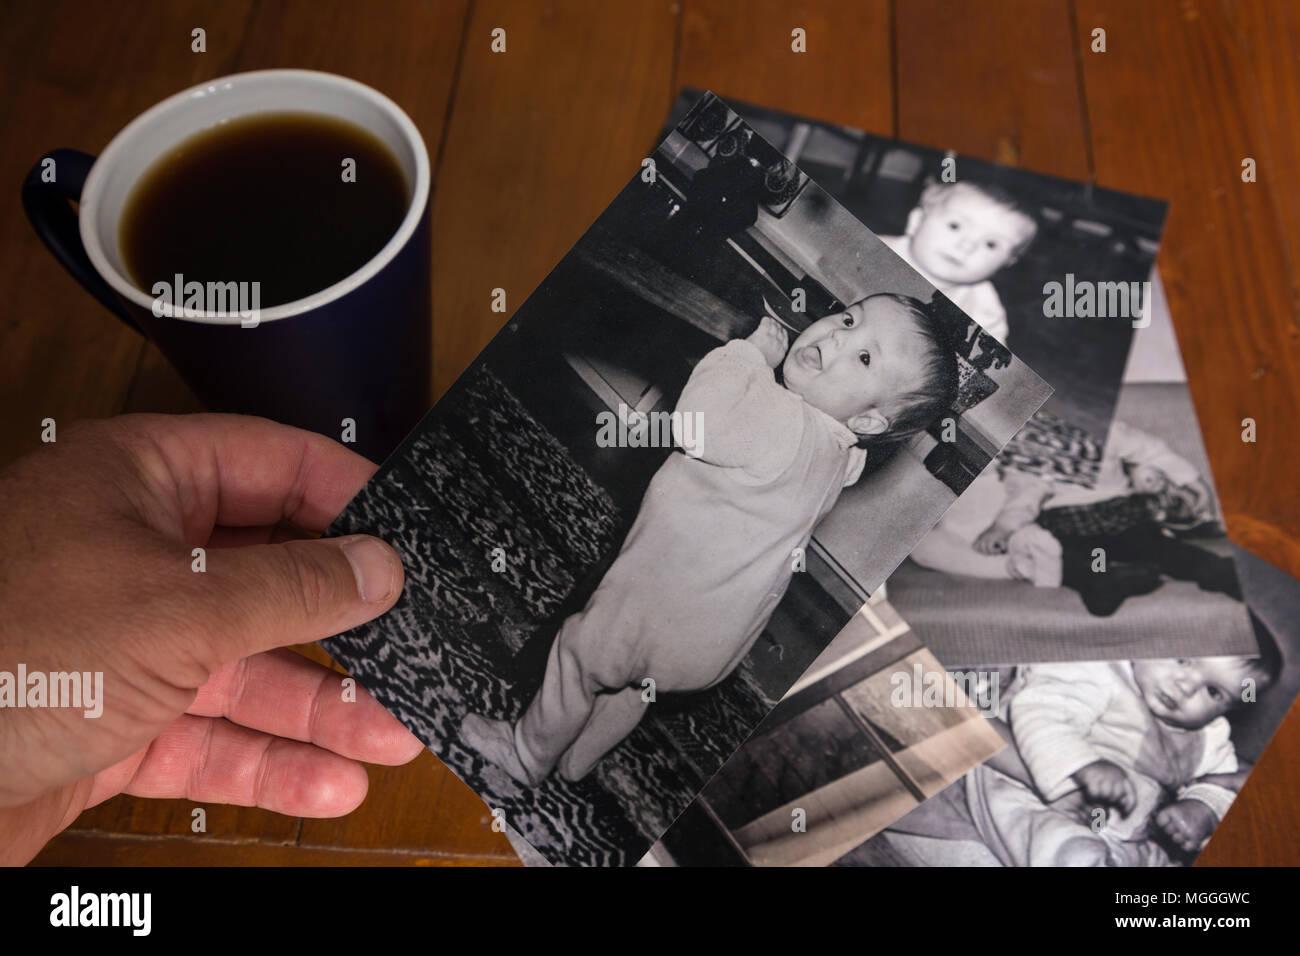 Una persona cerca attraverso vecchie foto con una sensazione di nostalgia. Immagini Stock